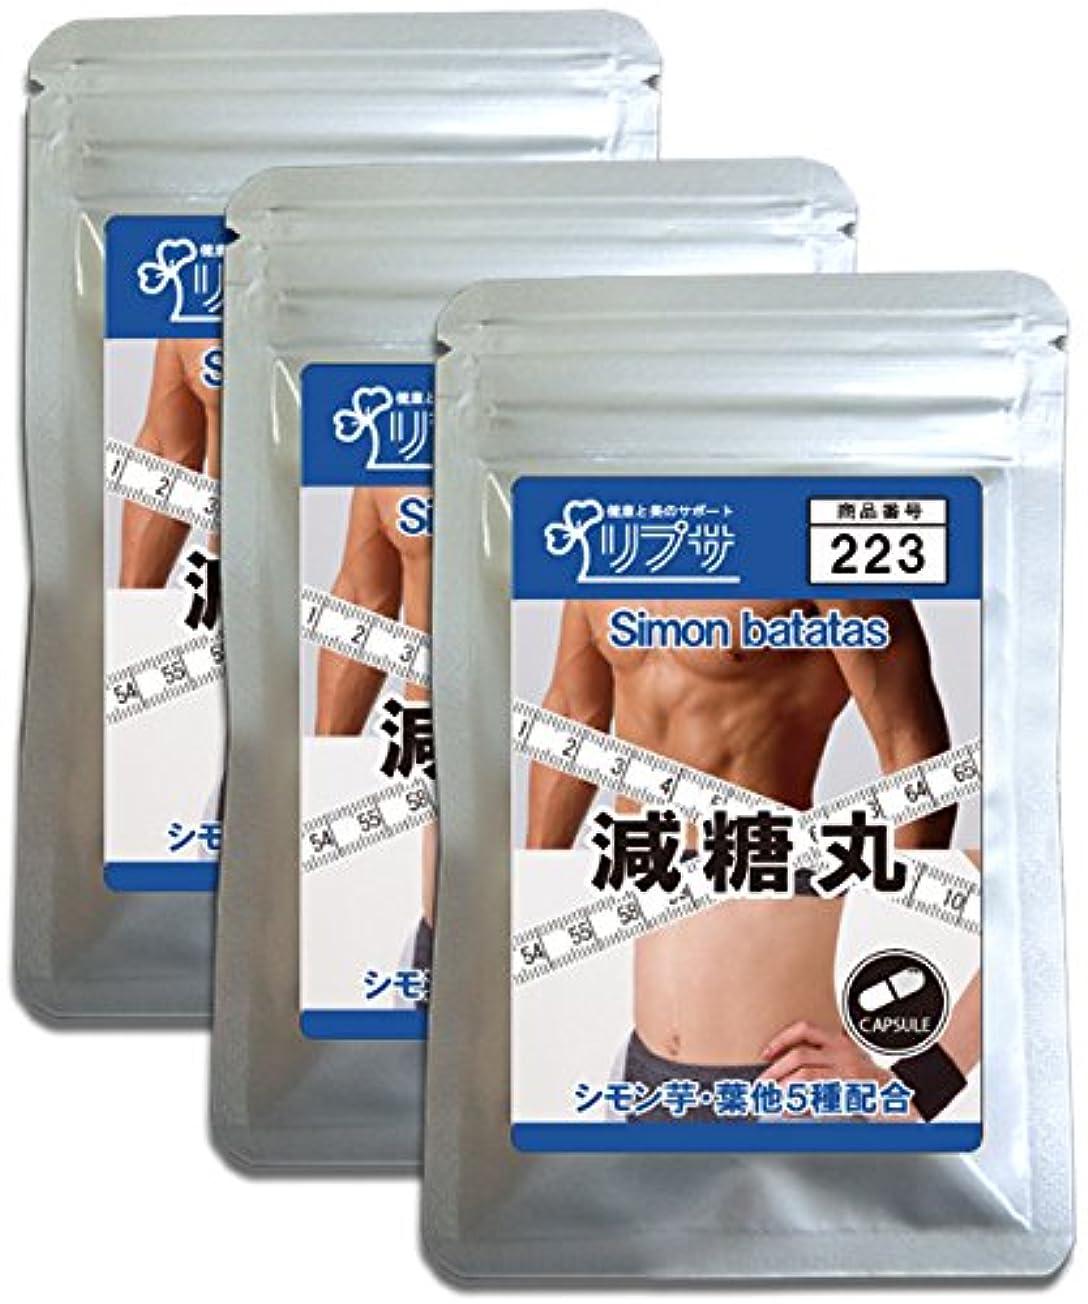 ブルに応じて十年減糖丸 約1か月分×3袋セット C-223-3